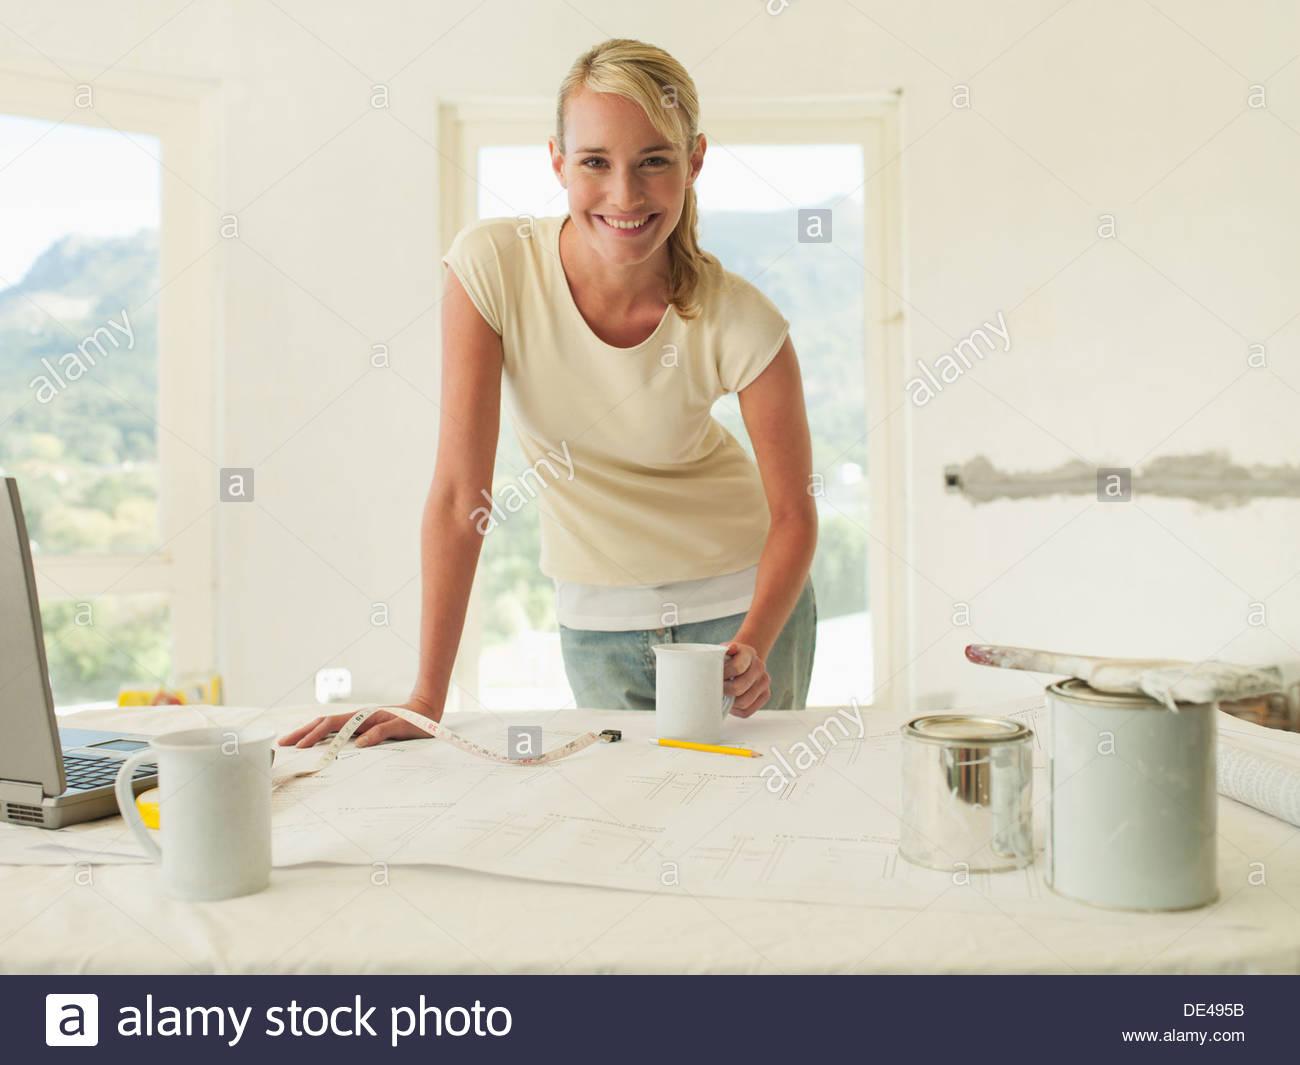 Lächelnde Frau stützte sich auf Tisch mit Blaupausen und Farbe Stockbild